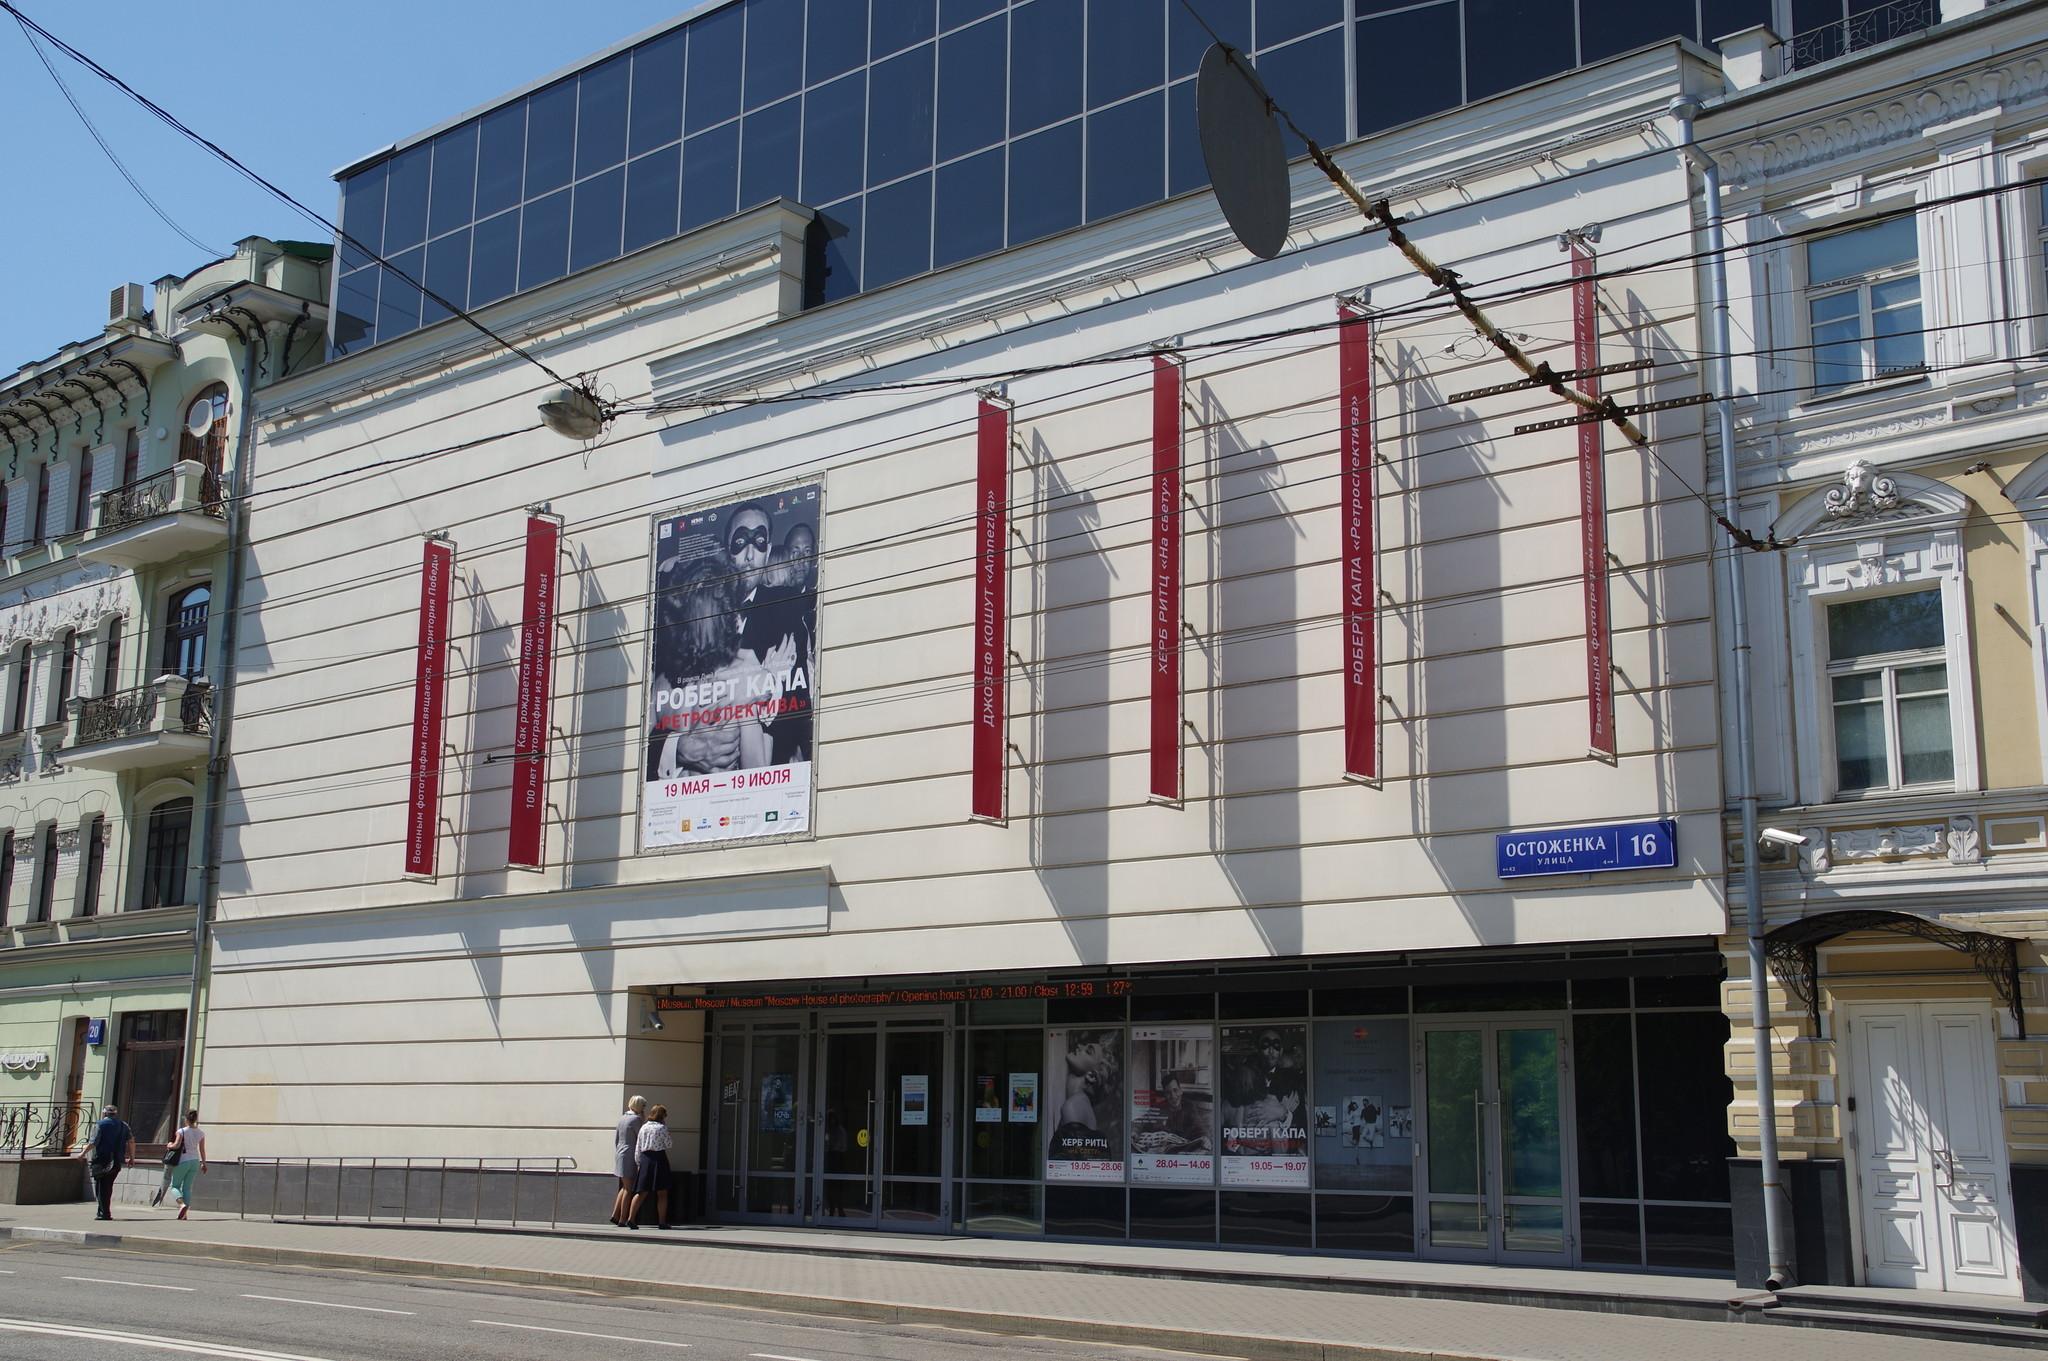 Мультимедиа Арт Музей (улица Остоженка, дом 16)